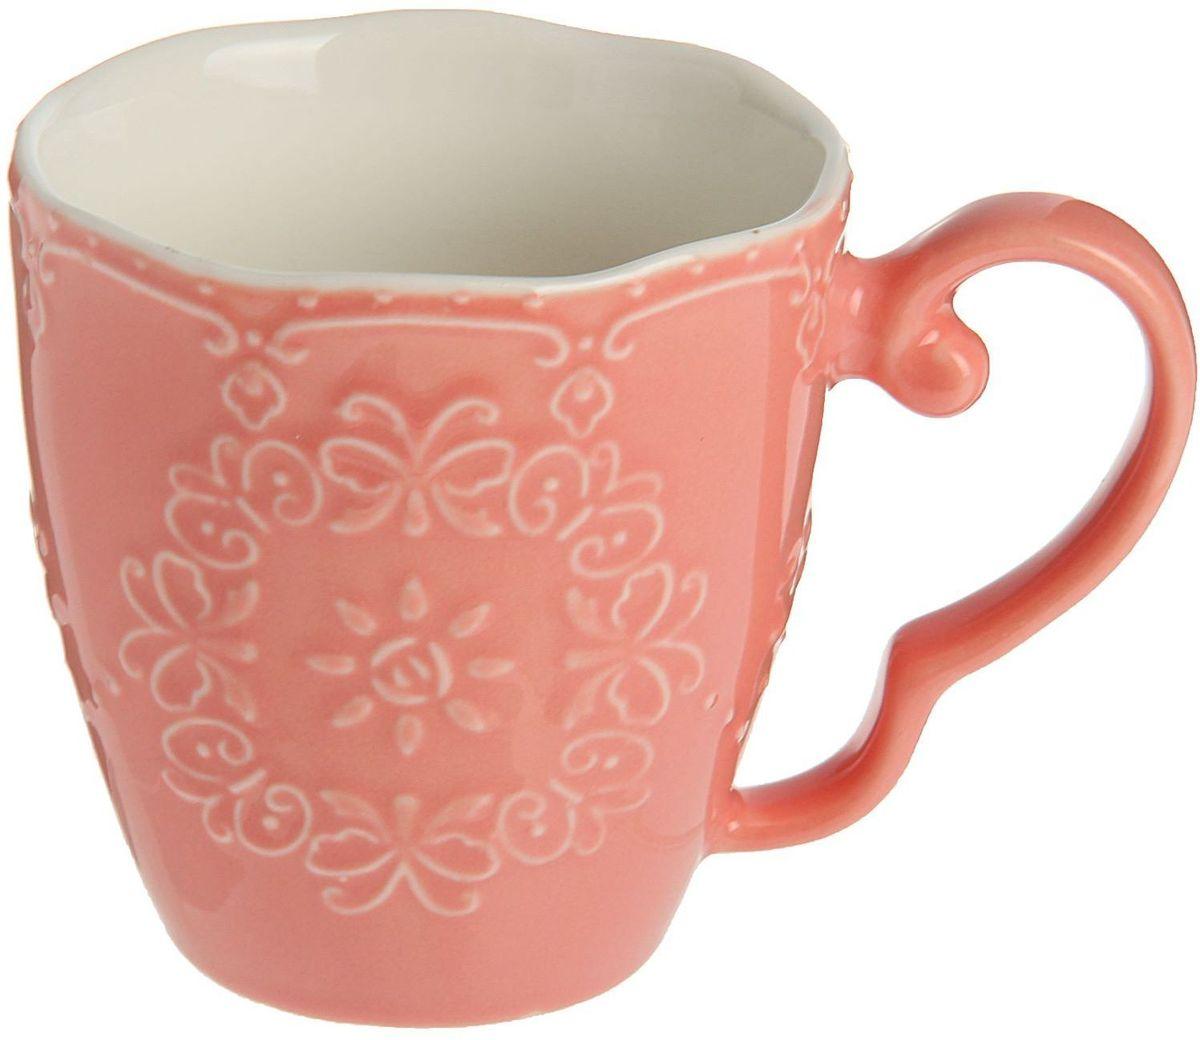 Кружка Доляна Кружева, цвет: розовый, 270 мл1625314Кружка Доляна Кружева изготовлена из керамики. Корпус чашки украшен выпуклым кружевным рисунком.Кружка станет отличным подарком для родных и близких. Это любимый аксессуар на долгие годы. Относитесь к изделию бережно, и оно будет дарить прекрасное настроение каждый день.